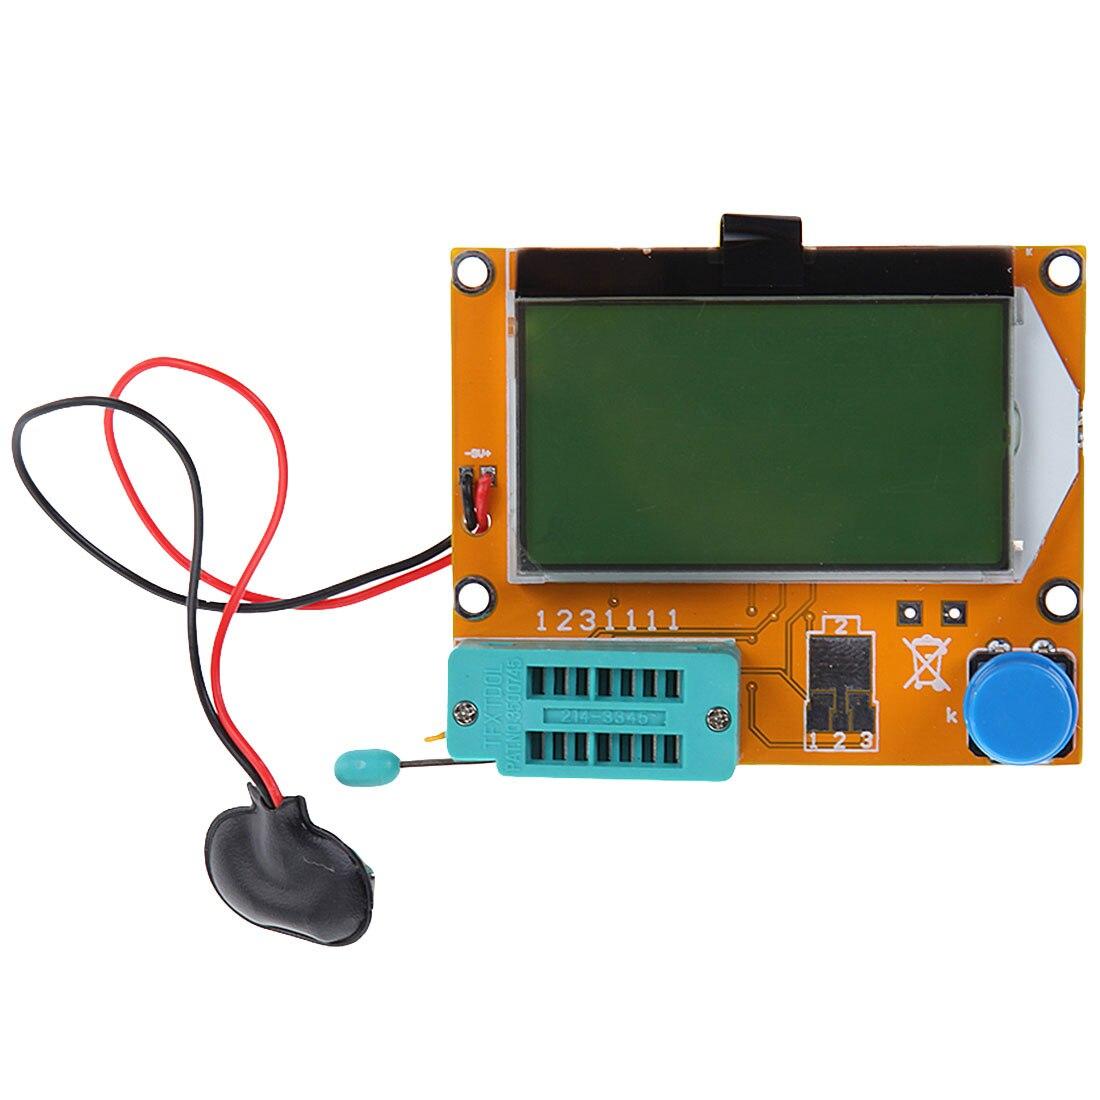 ЖК-дисплей цифровой измерительное устройство для проведения испытаний транзистора LCR-T4 12864 9 V Подсветка Диод Триод Емкость СОЭ метр для MOSFET/...